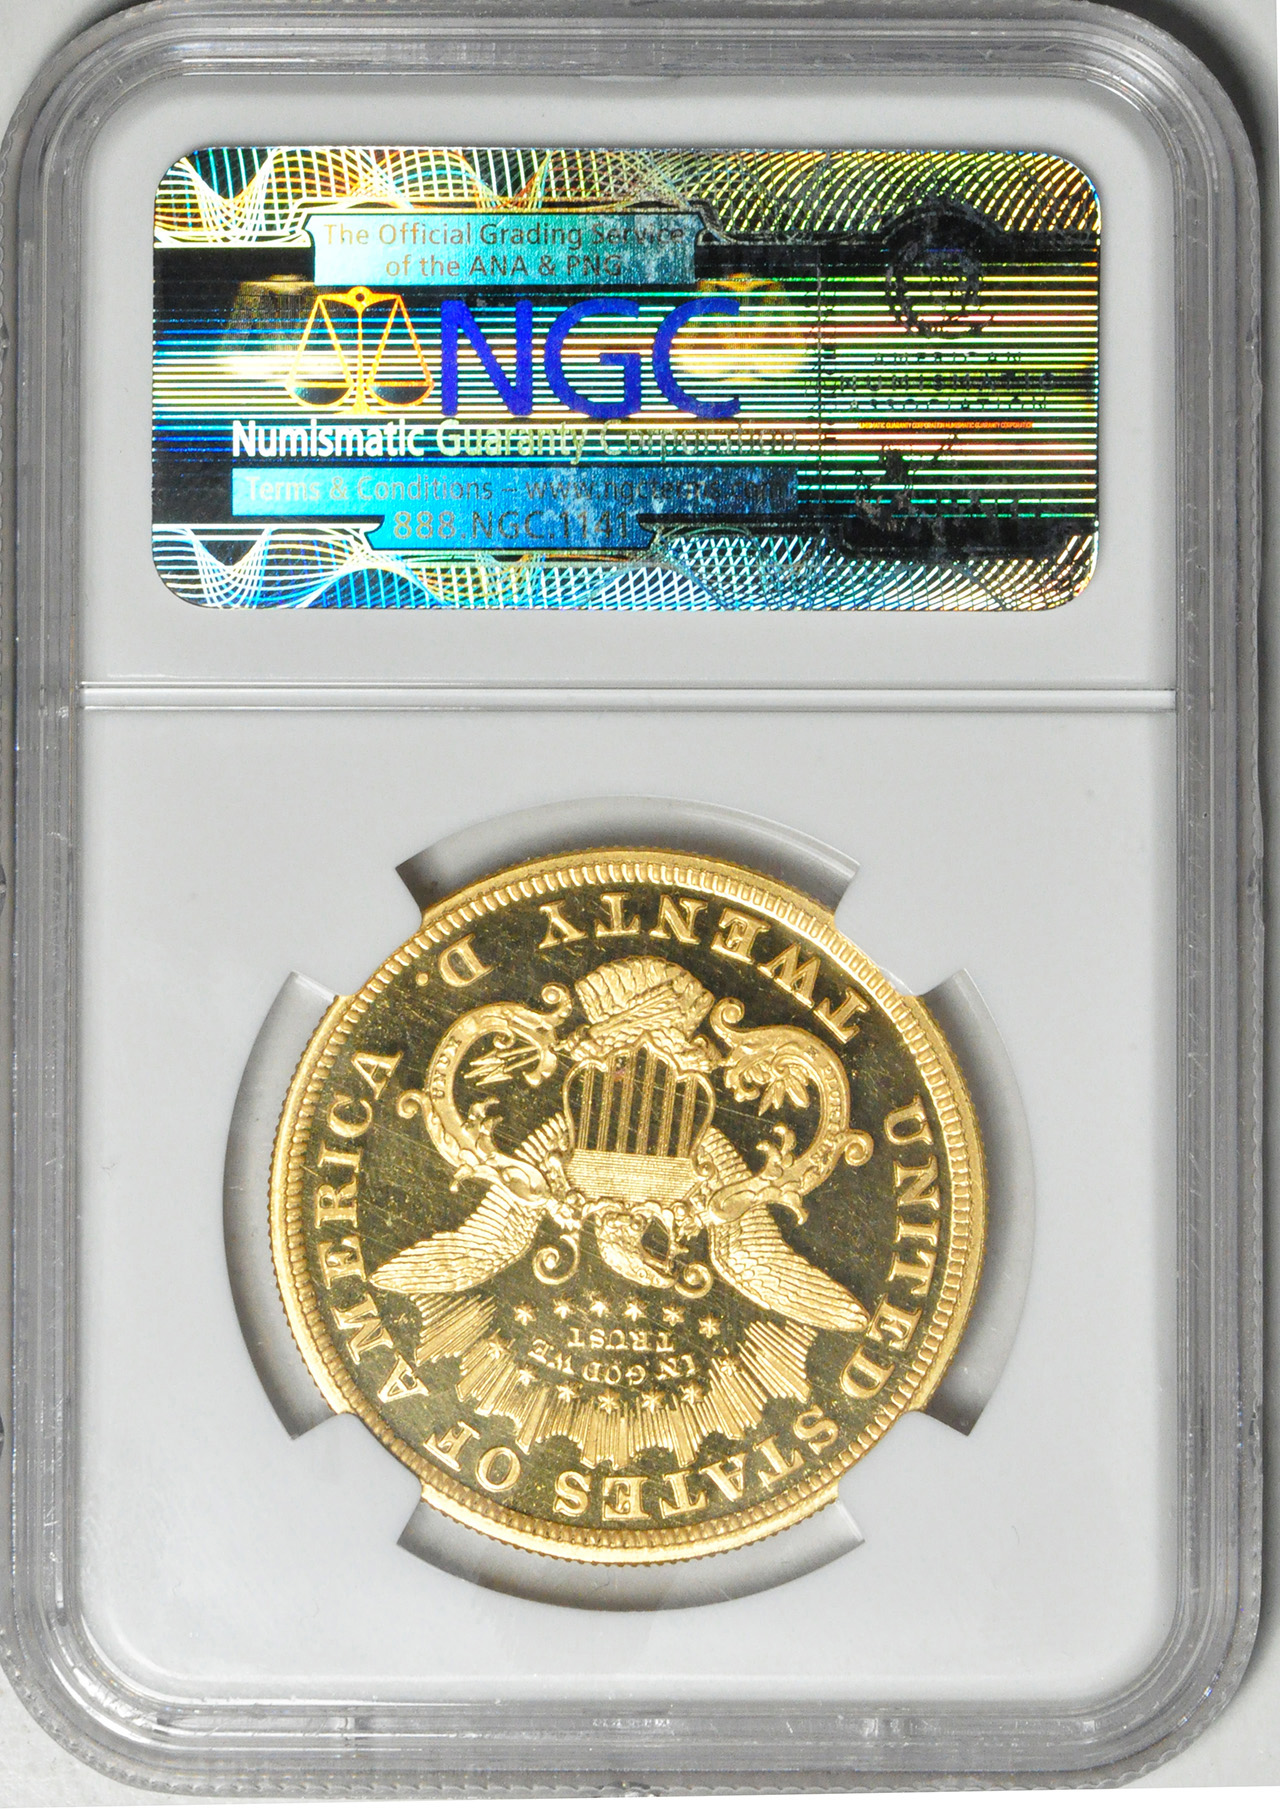 アンティークコイン アメリカ 20ドル金貨リバティヘッド1871 $20 Liberty Head Double Eagle NGC PF66ウルトラカメオ